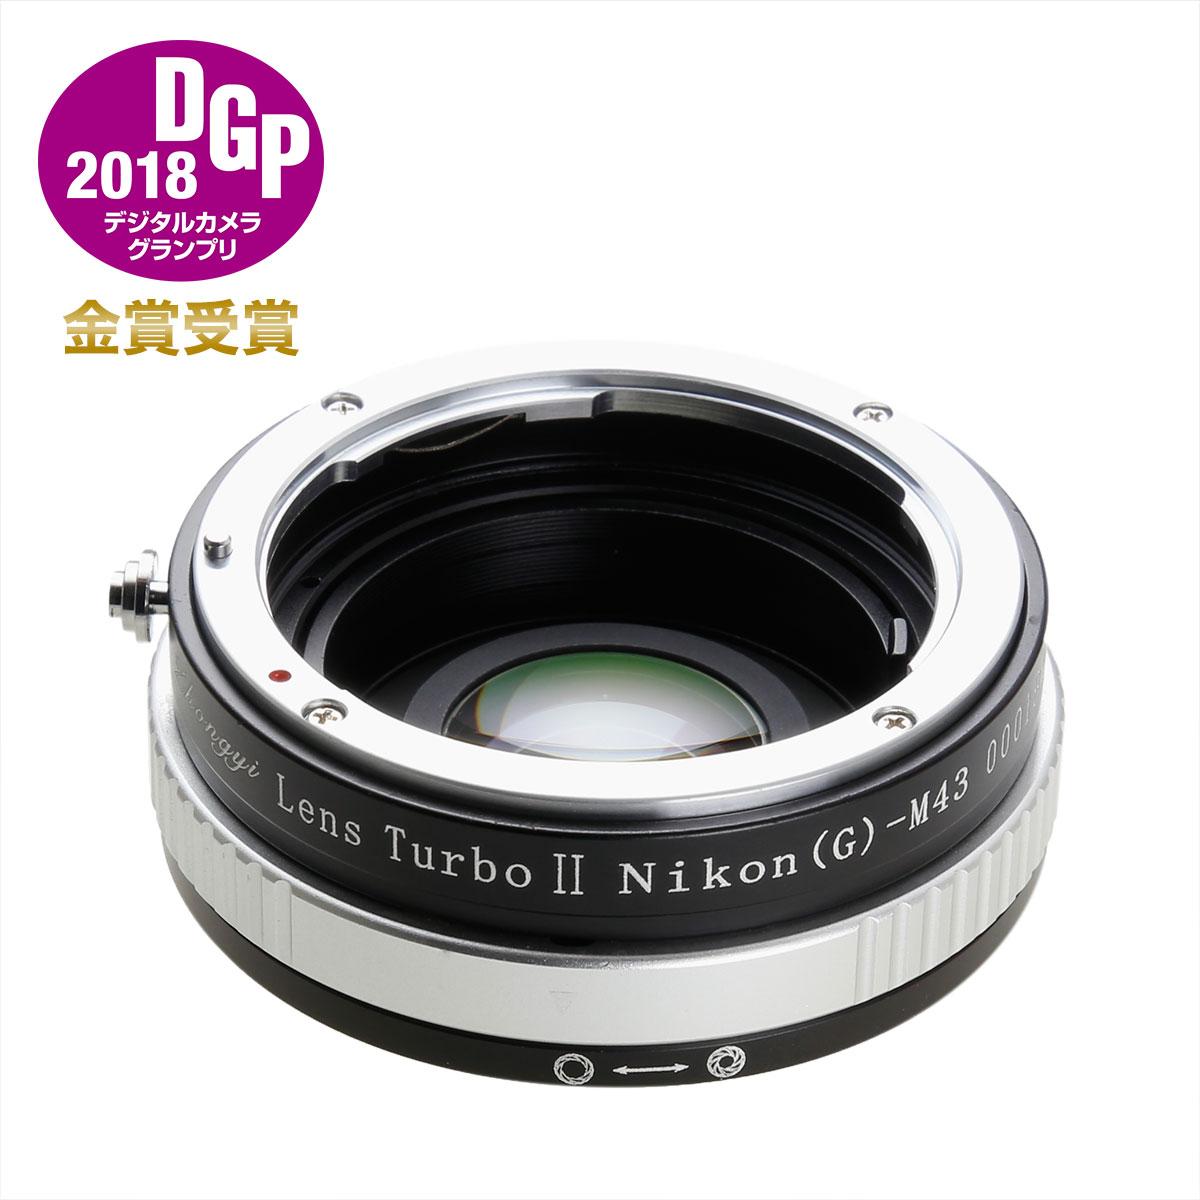 中一光学 Lens Turbo II N/G-m4/3 ニコンFマウント/Gシリーズレンズ - マイクロフォーサーズマウント フォーカルレデューサーアダプター